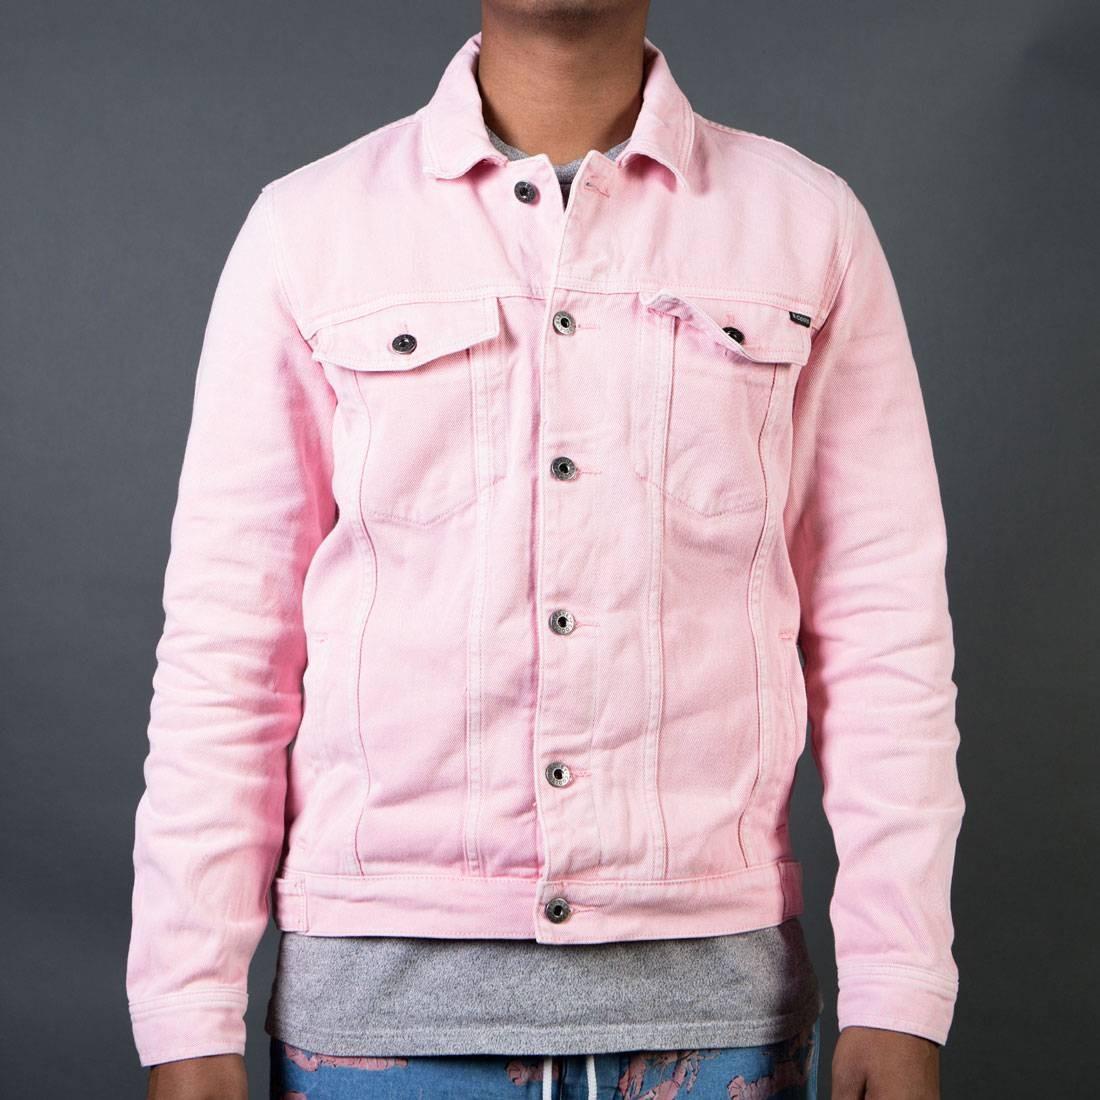 Barney Cools Men B Rigid Jacket (pink)